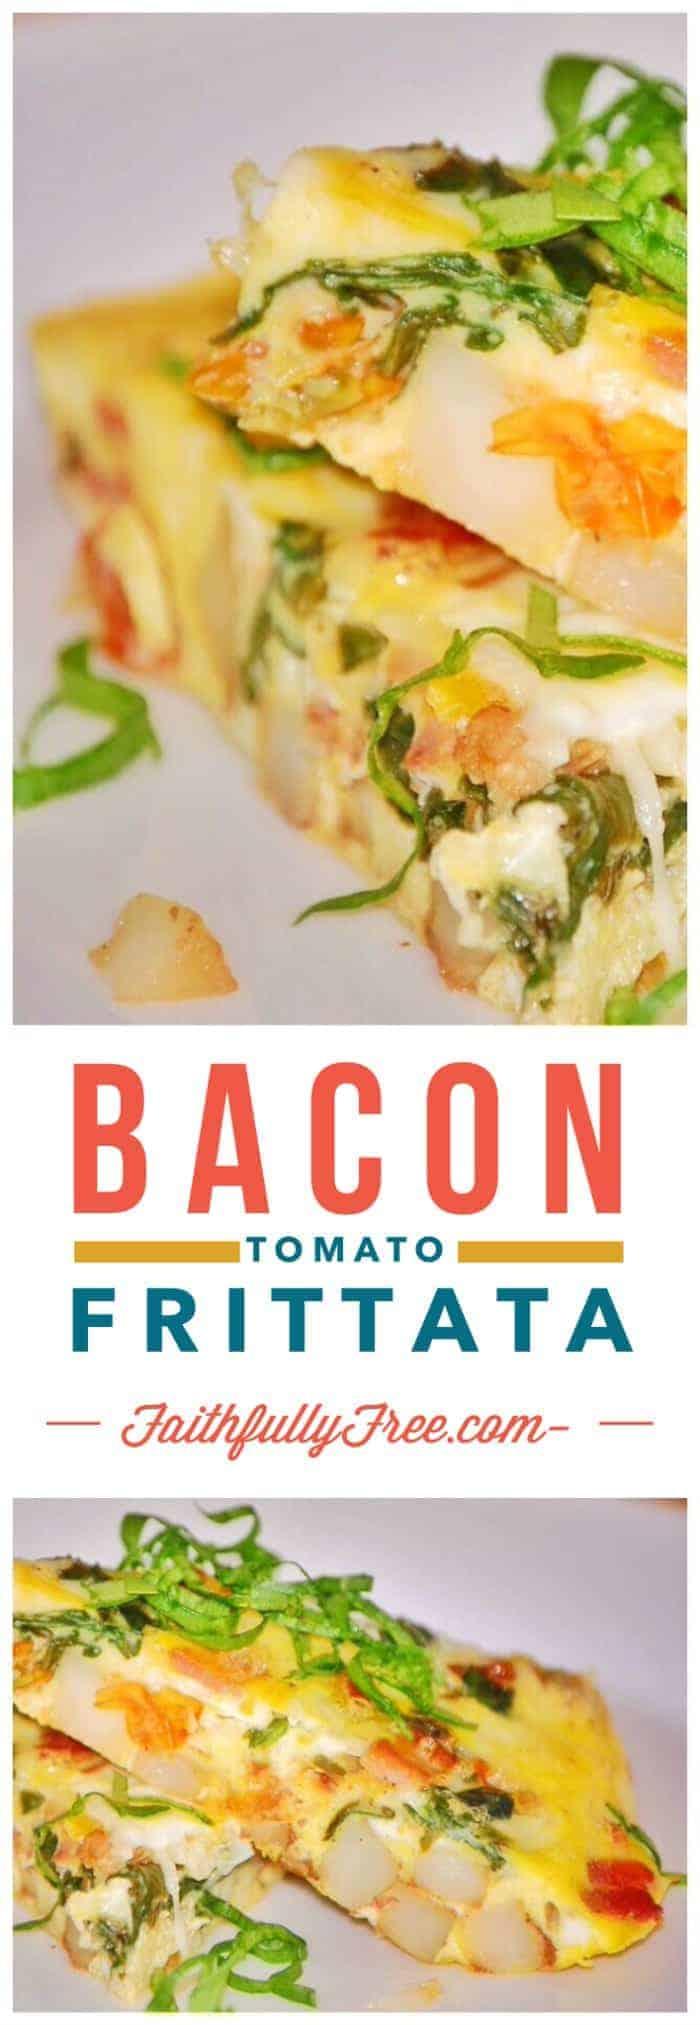 Bacon Tomato Frittata Recipe